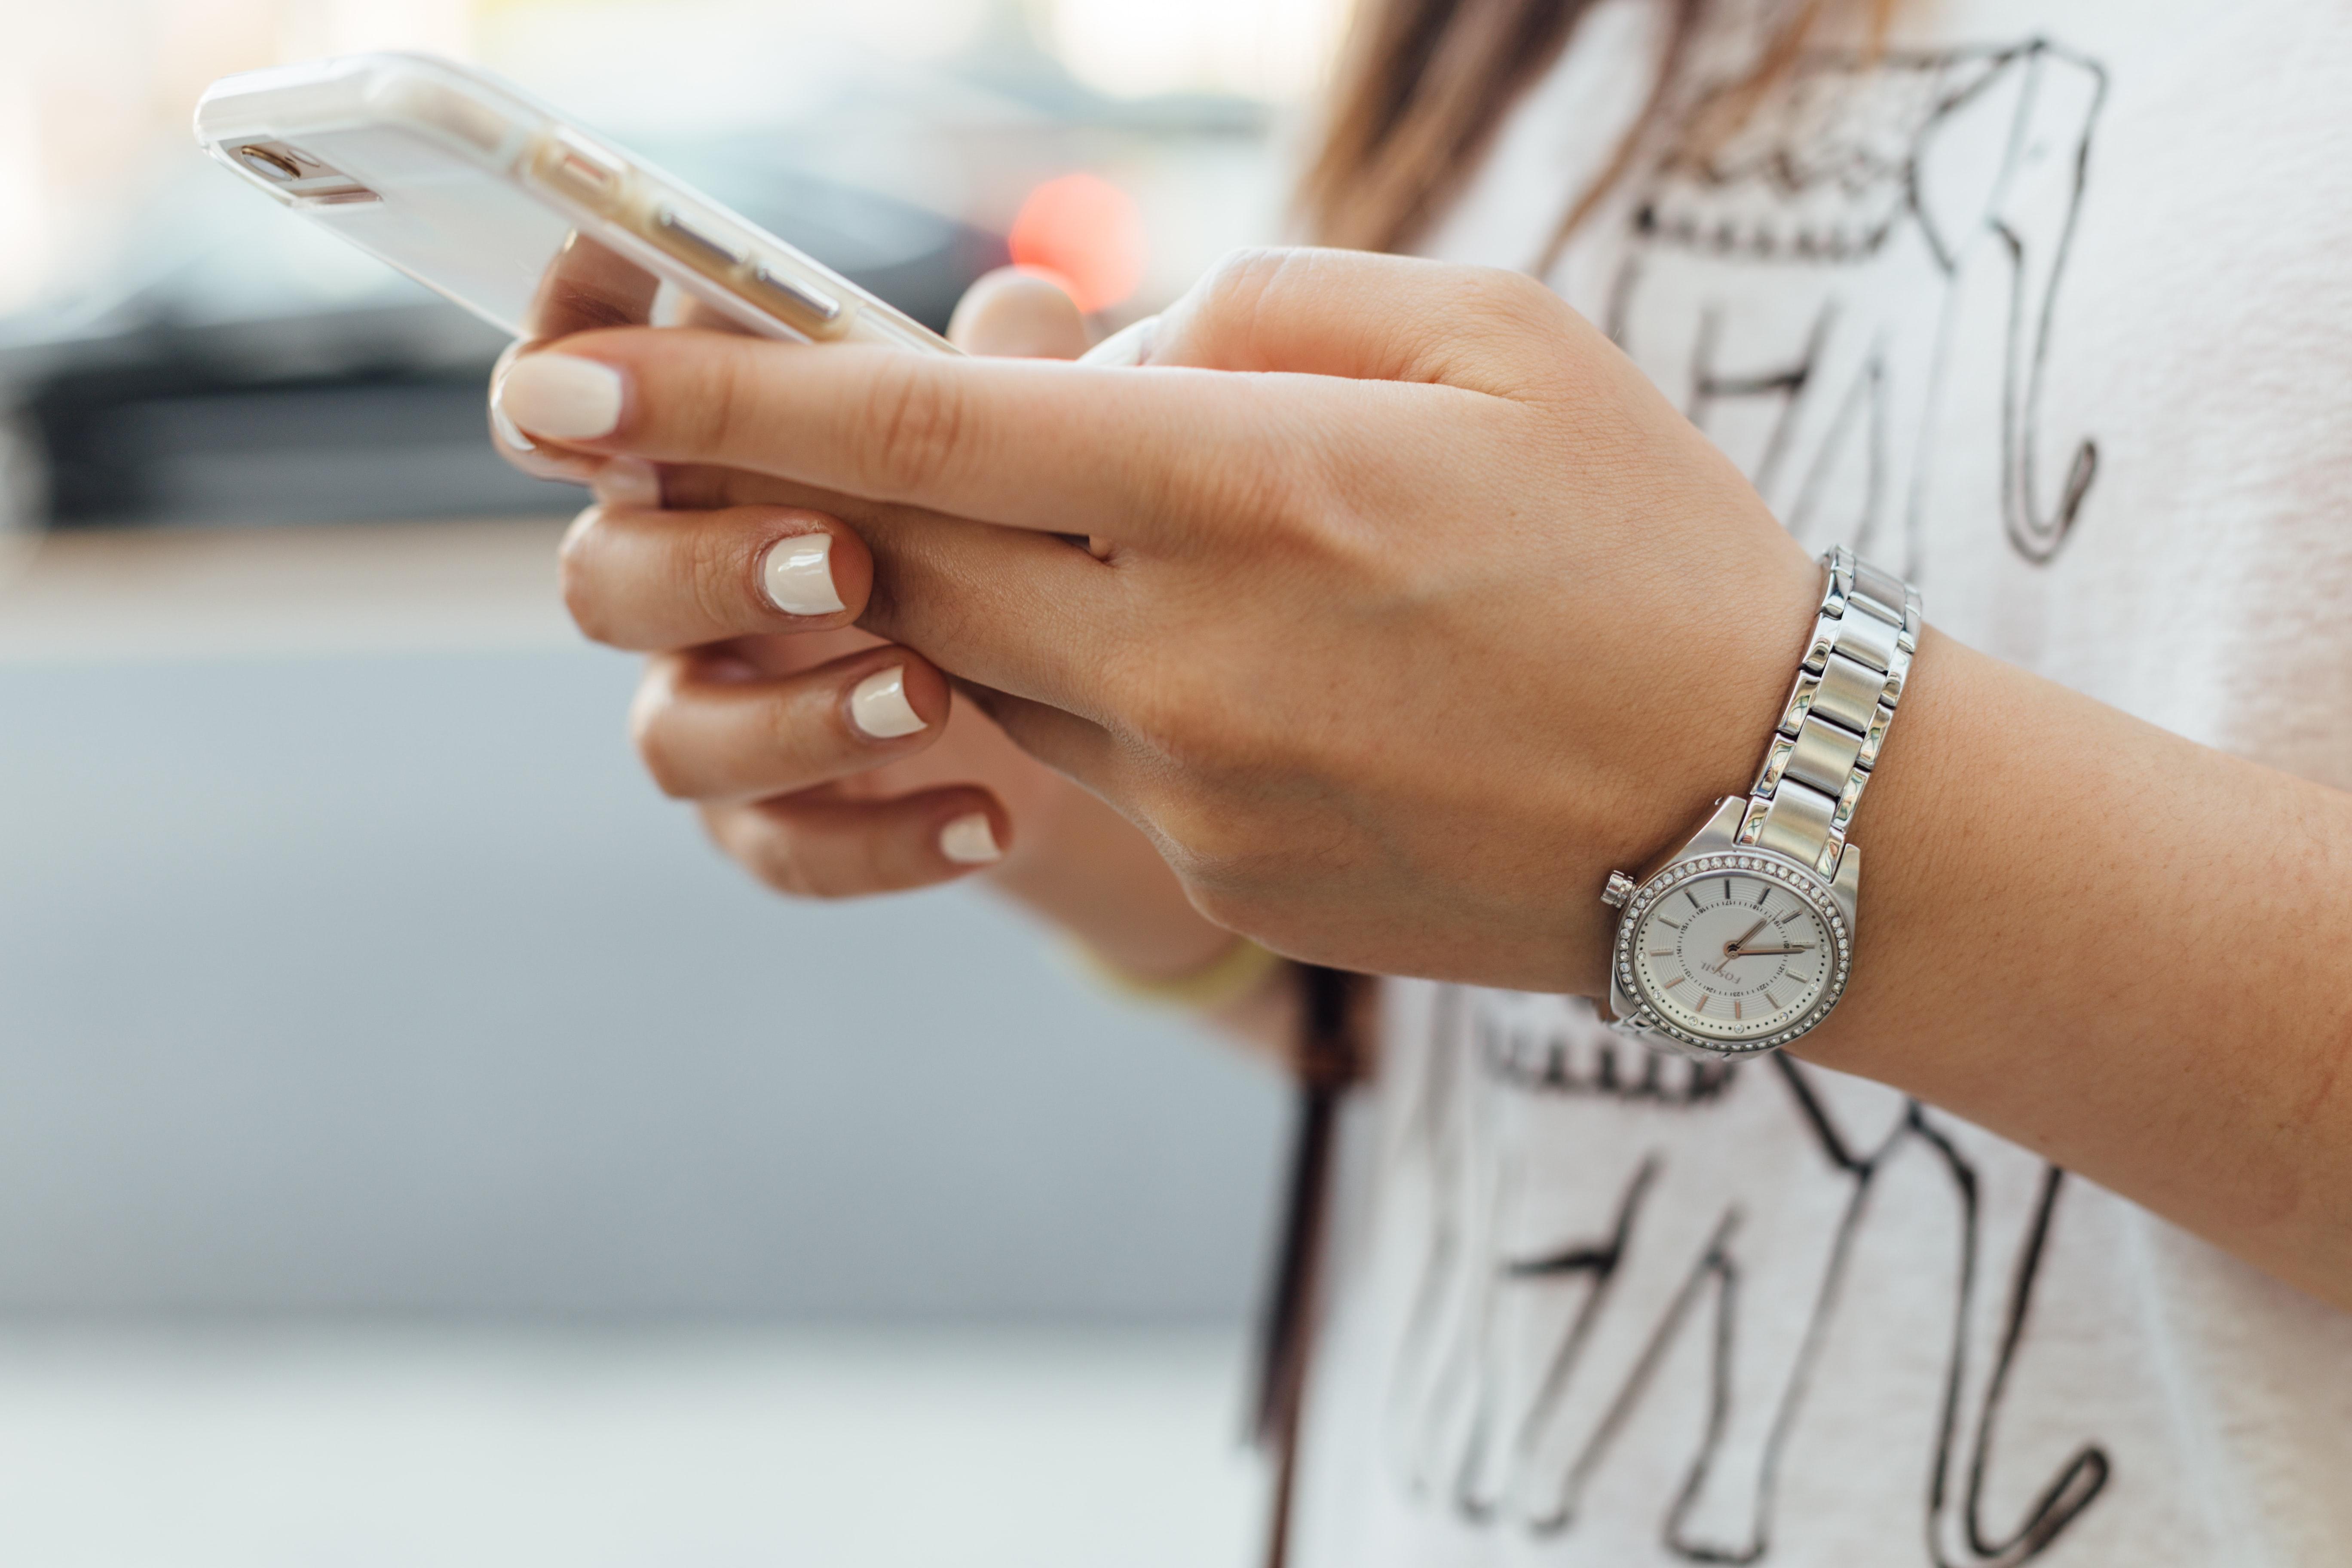 Smartfon - Twójprzyjaciel czywróg?